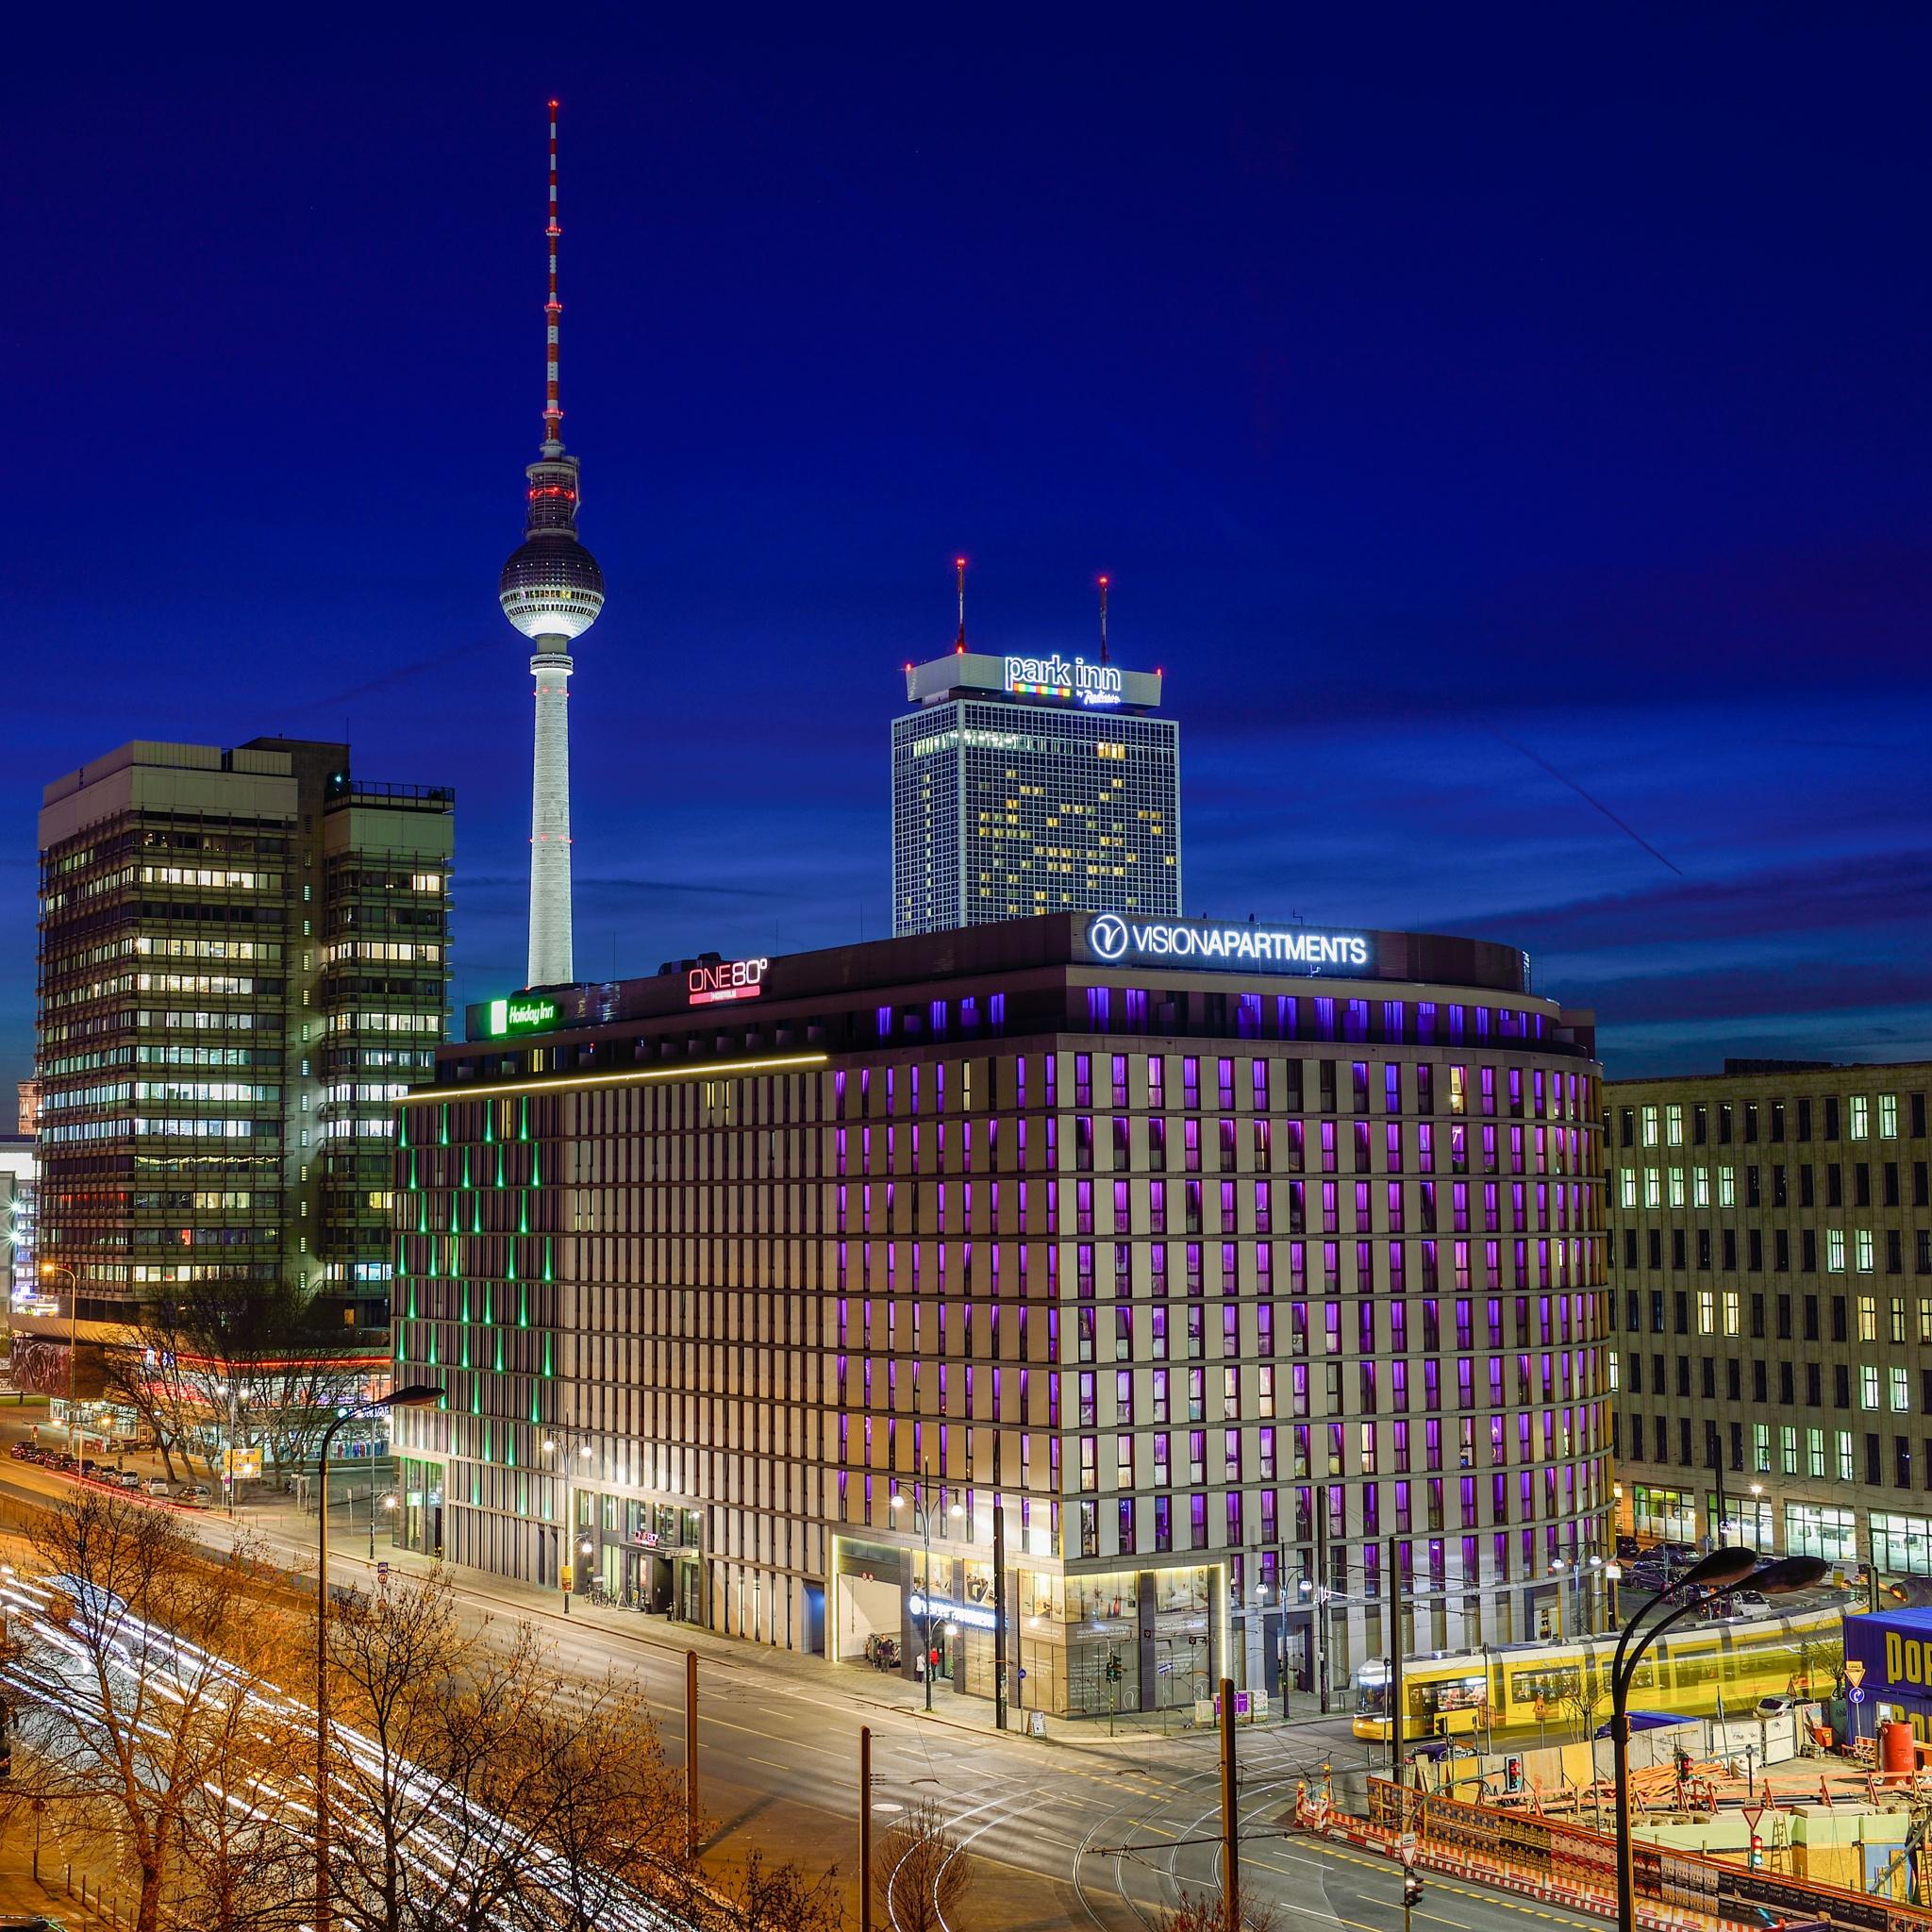 Berlin Fernsehturm by simplementeunafoto